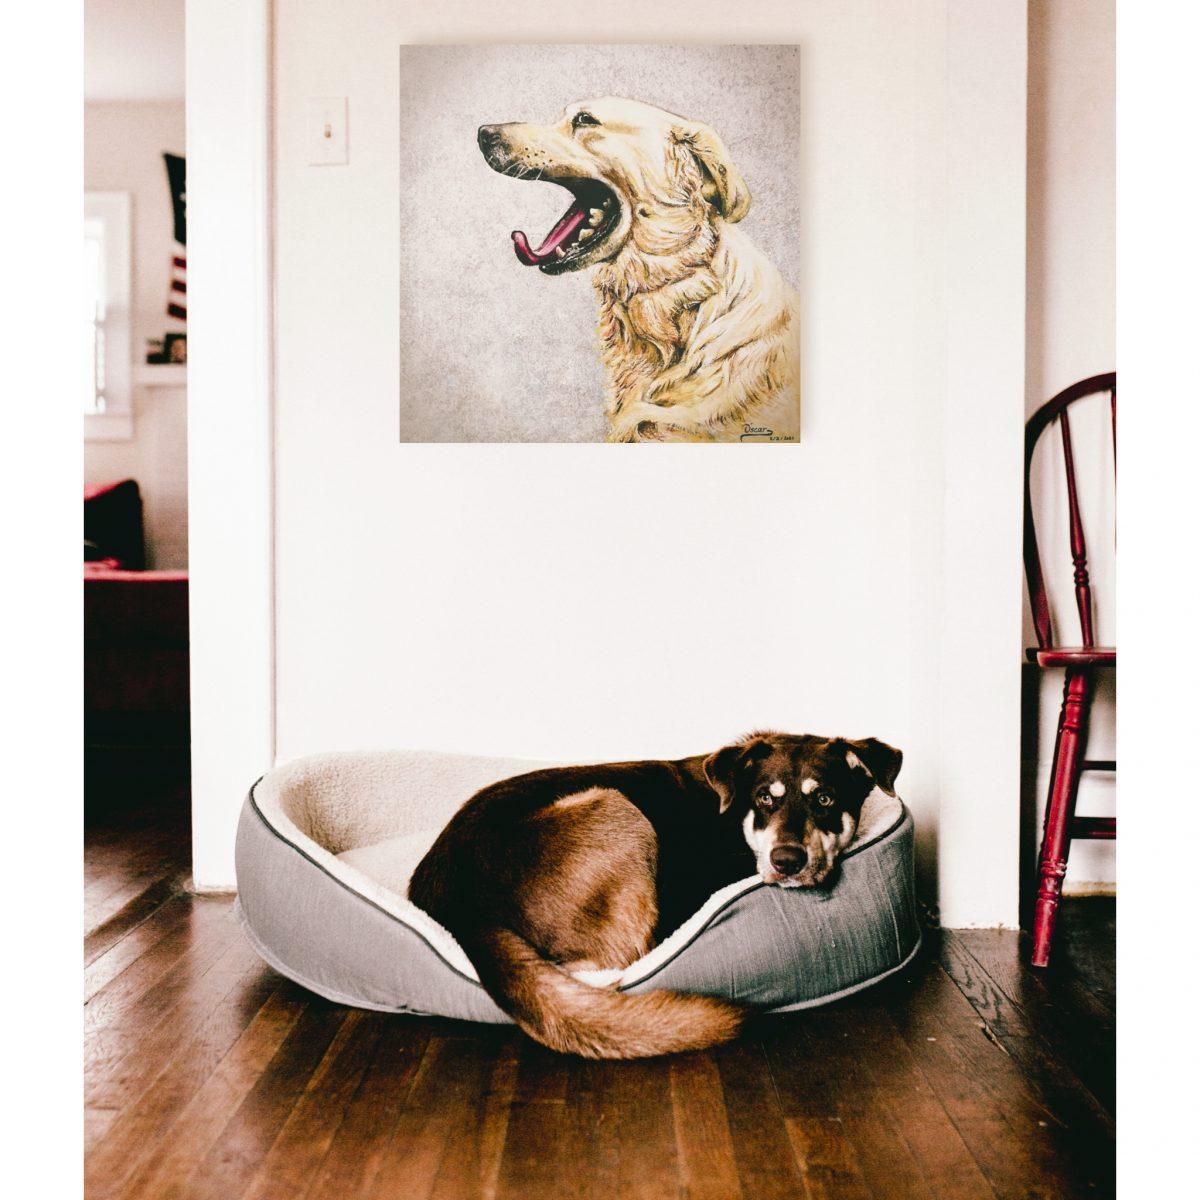 Decoracion de interiores, perro, cuadro, expresividad